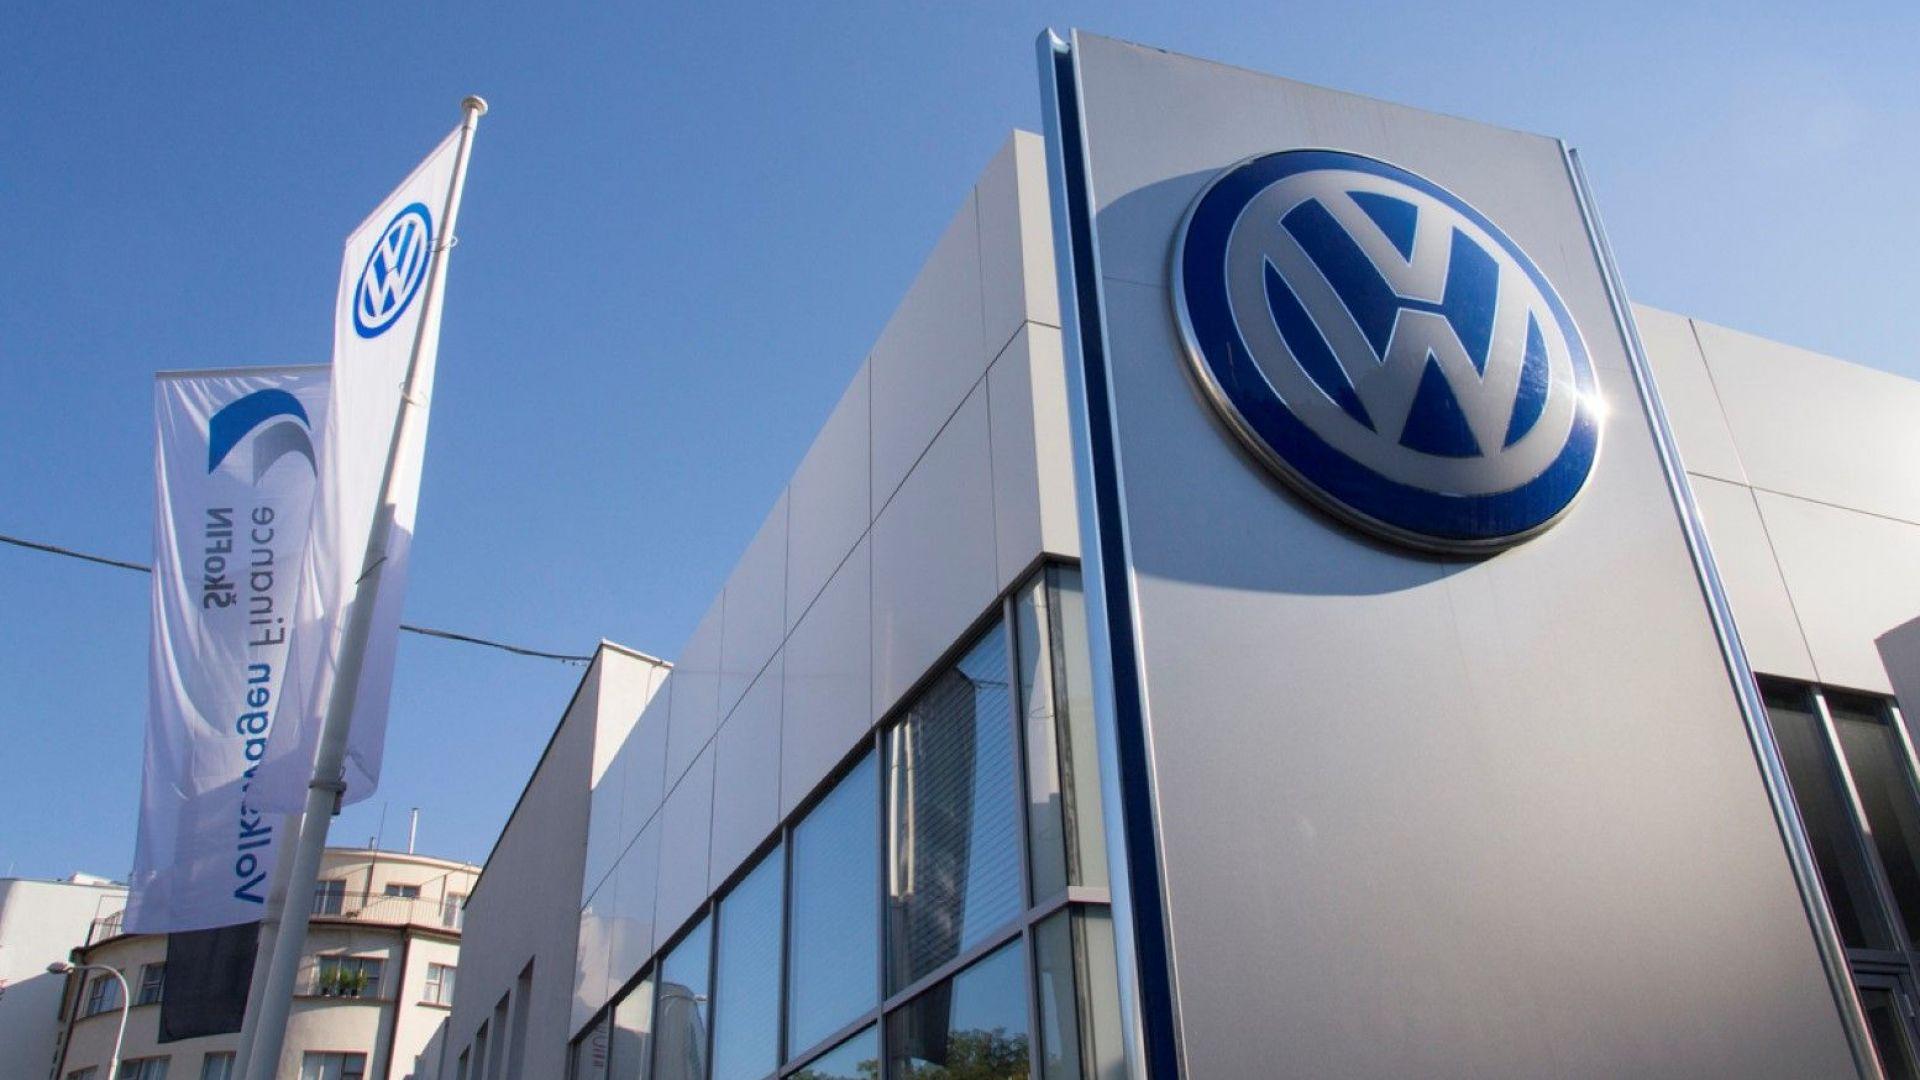 Фолксваген търси извънсъдебно споразумение за потребителските искове